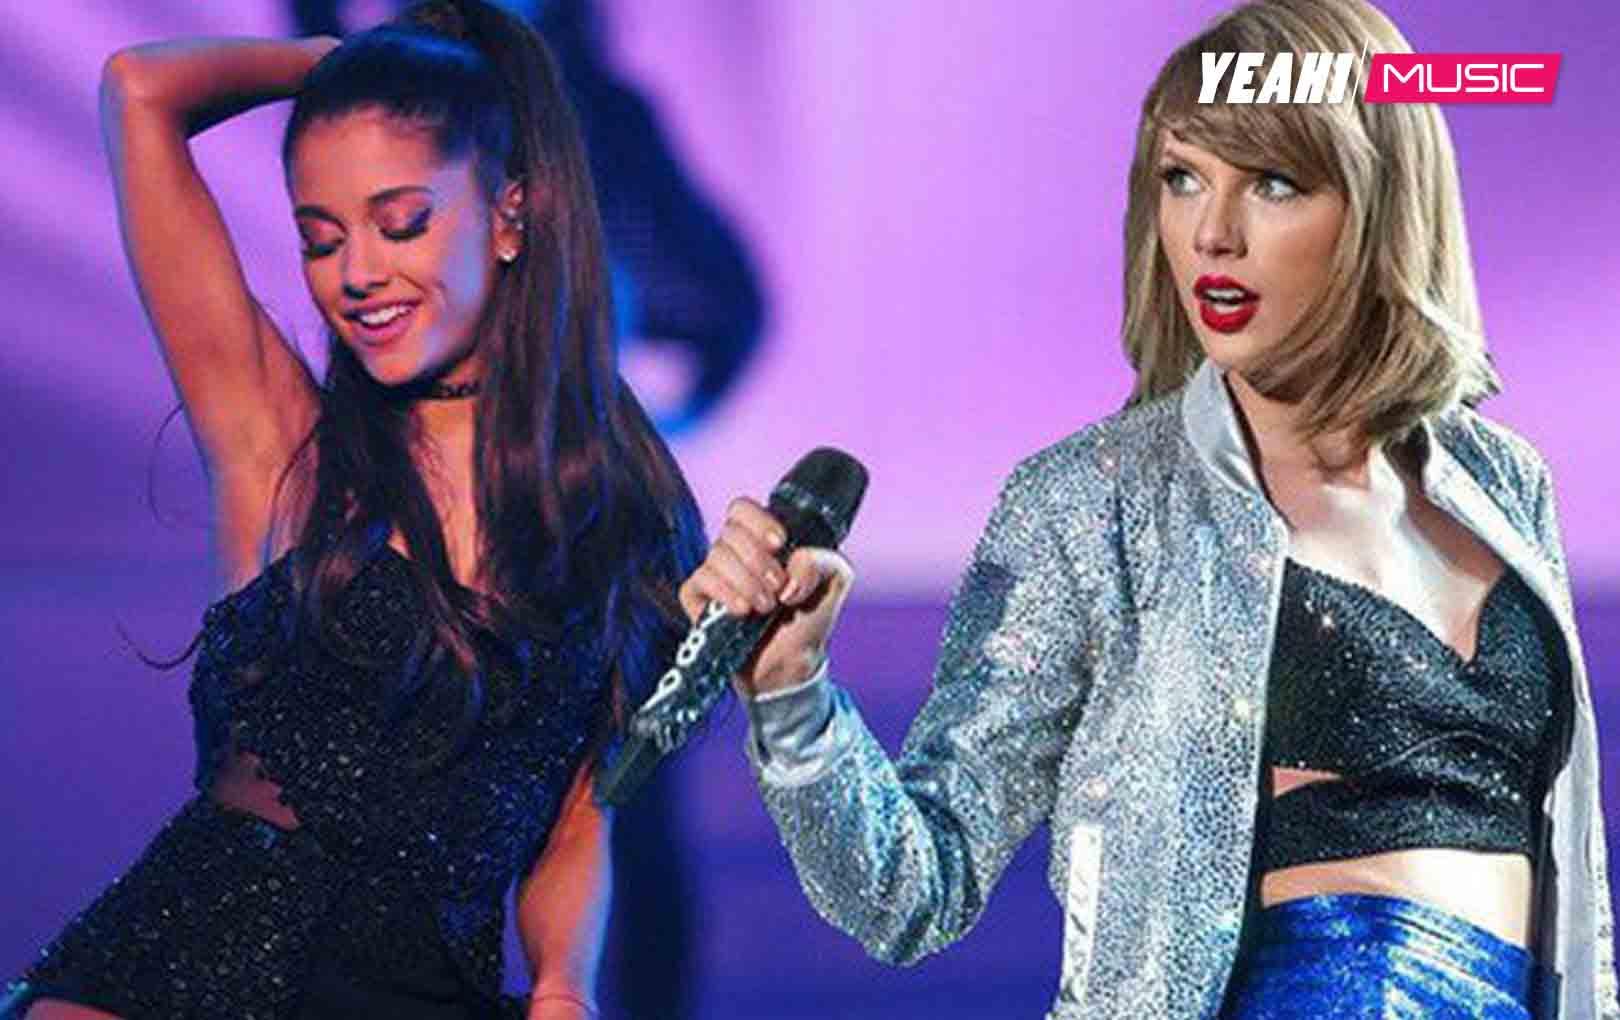 Grammy 2019: Thua cuộc trước Ariana Grande, Taylor Swift vuột mất cơ hội đi vào lịch sử